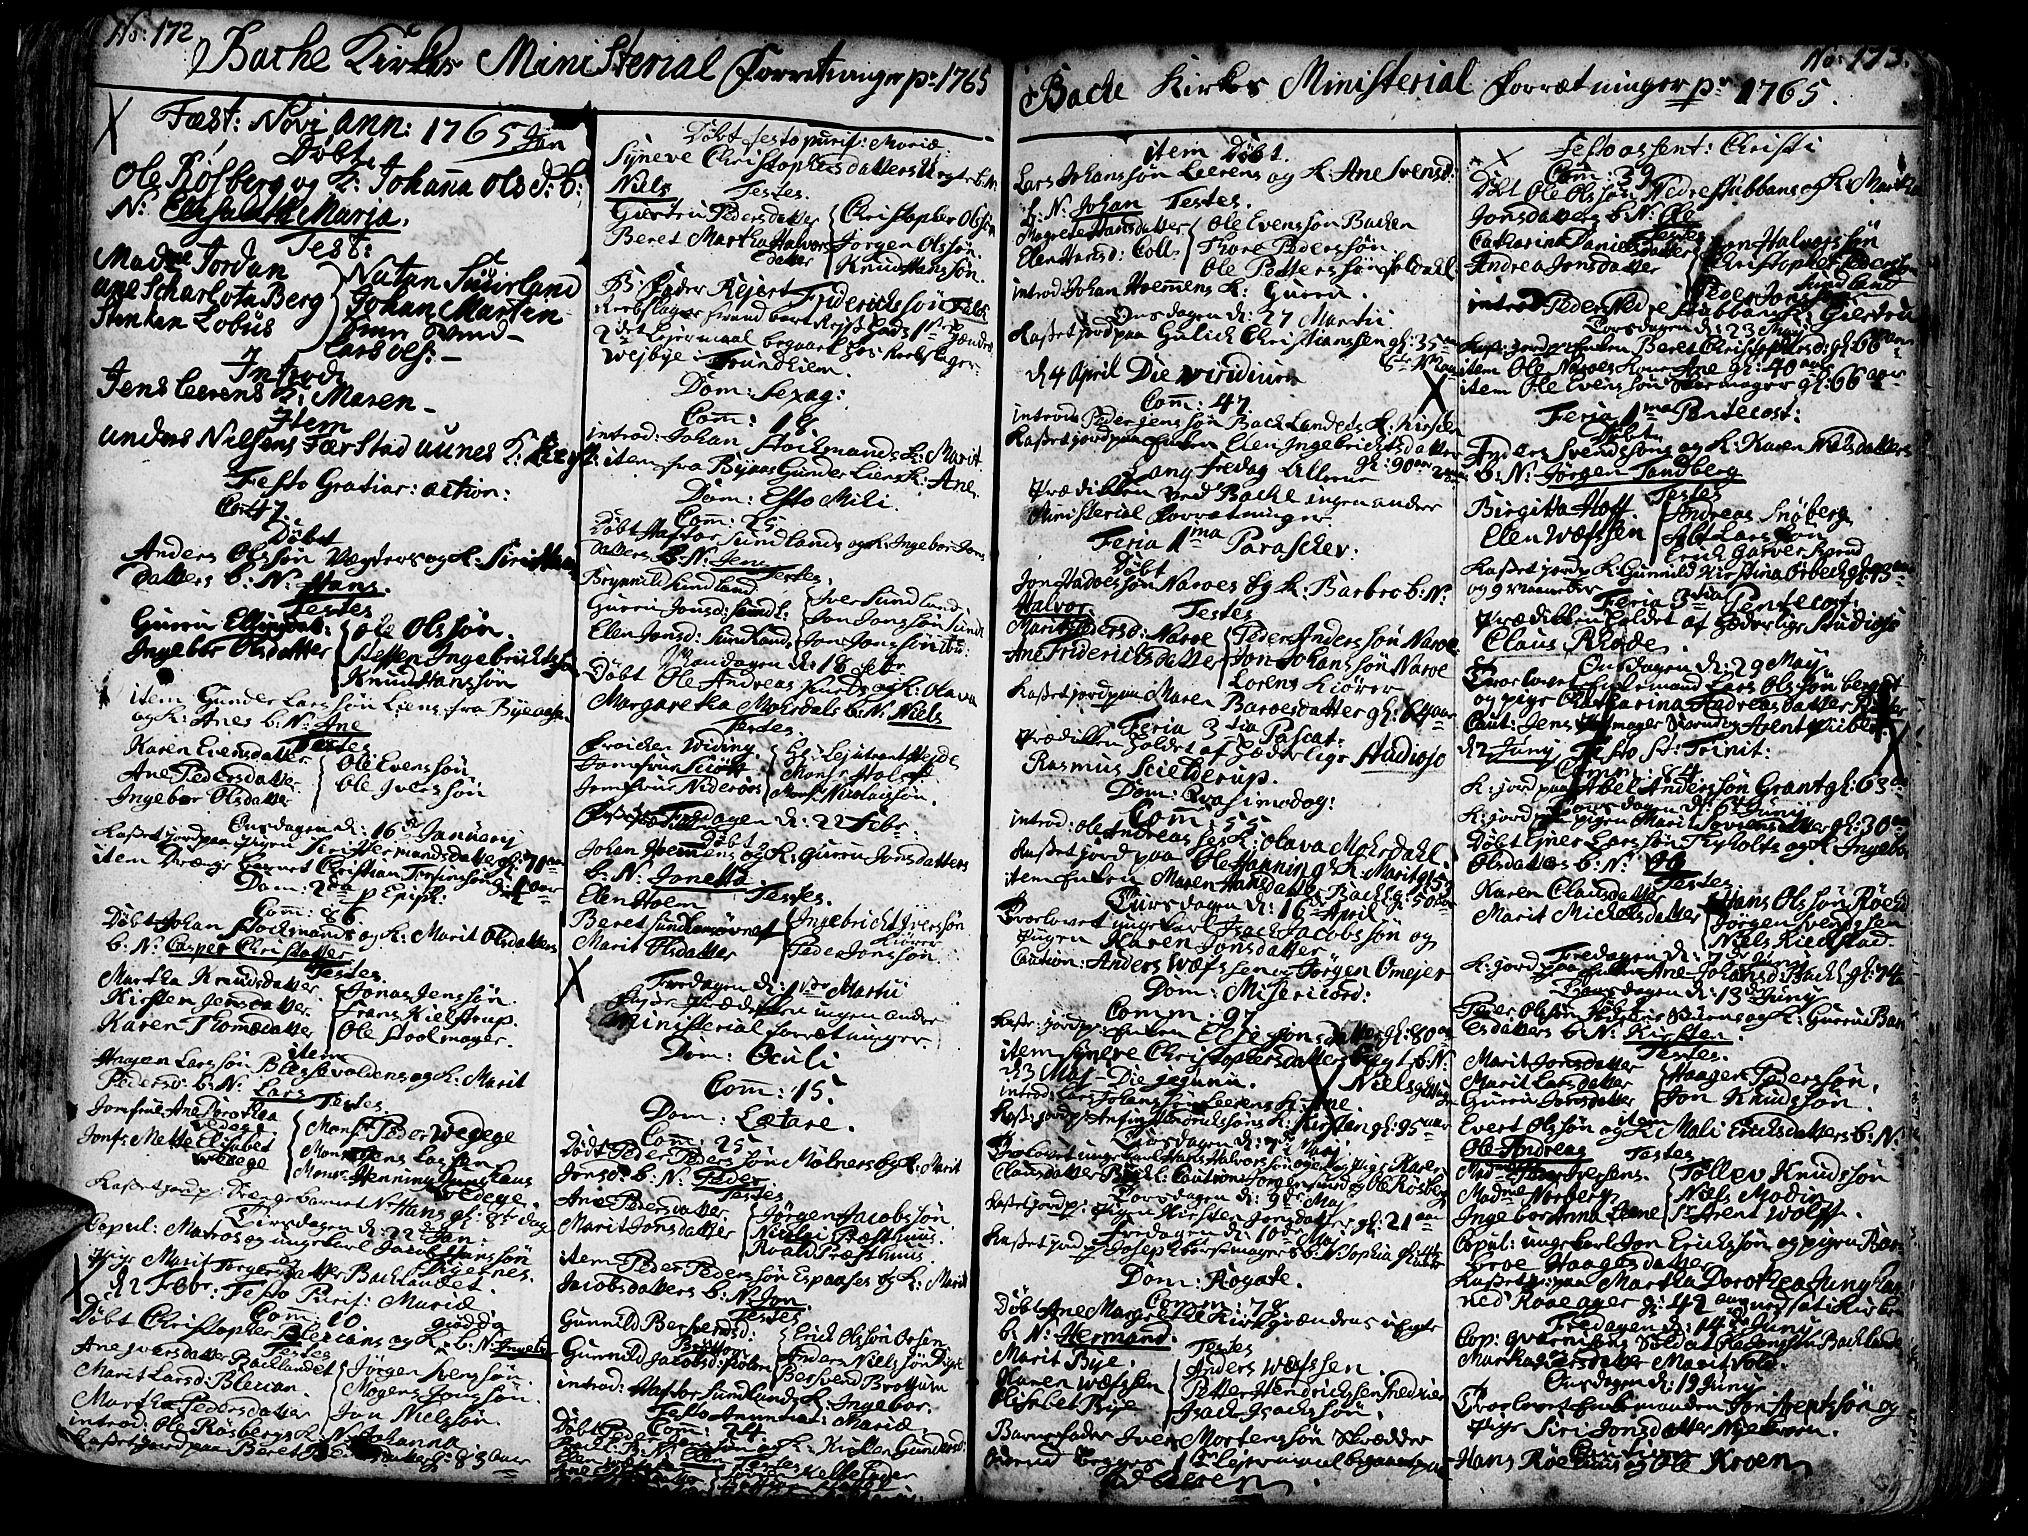 SAT, Ministerialprotokoller, klokkerbøker og fødselsregistre - Sør-Trøndelag, 606/L0276: Ministerialbok nr. 606A01 /2, 1727-1779, s. 172-173